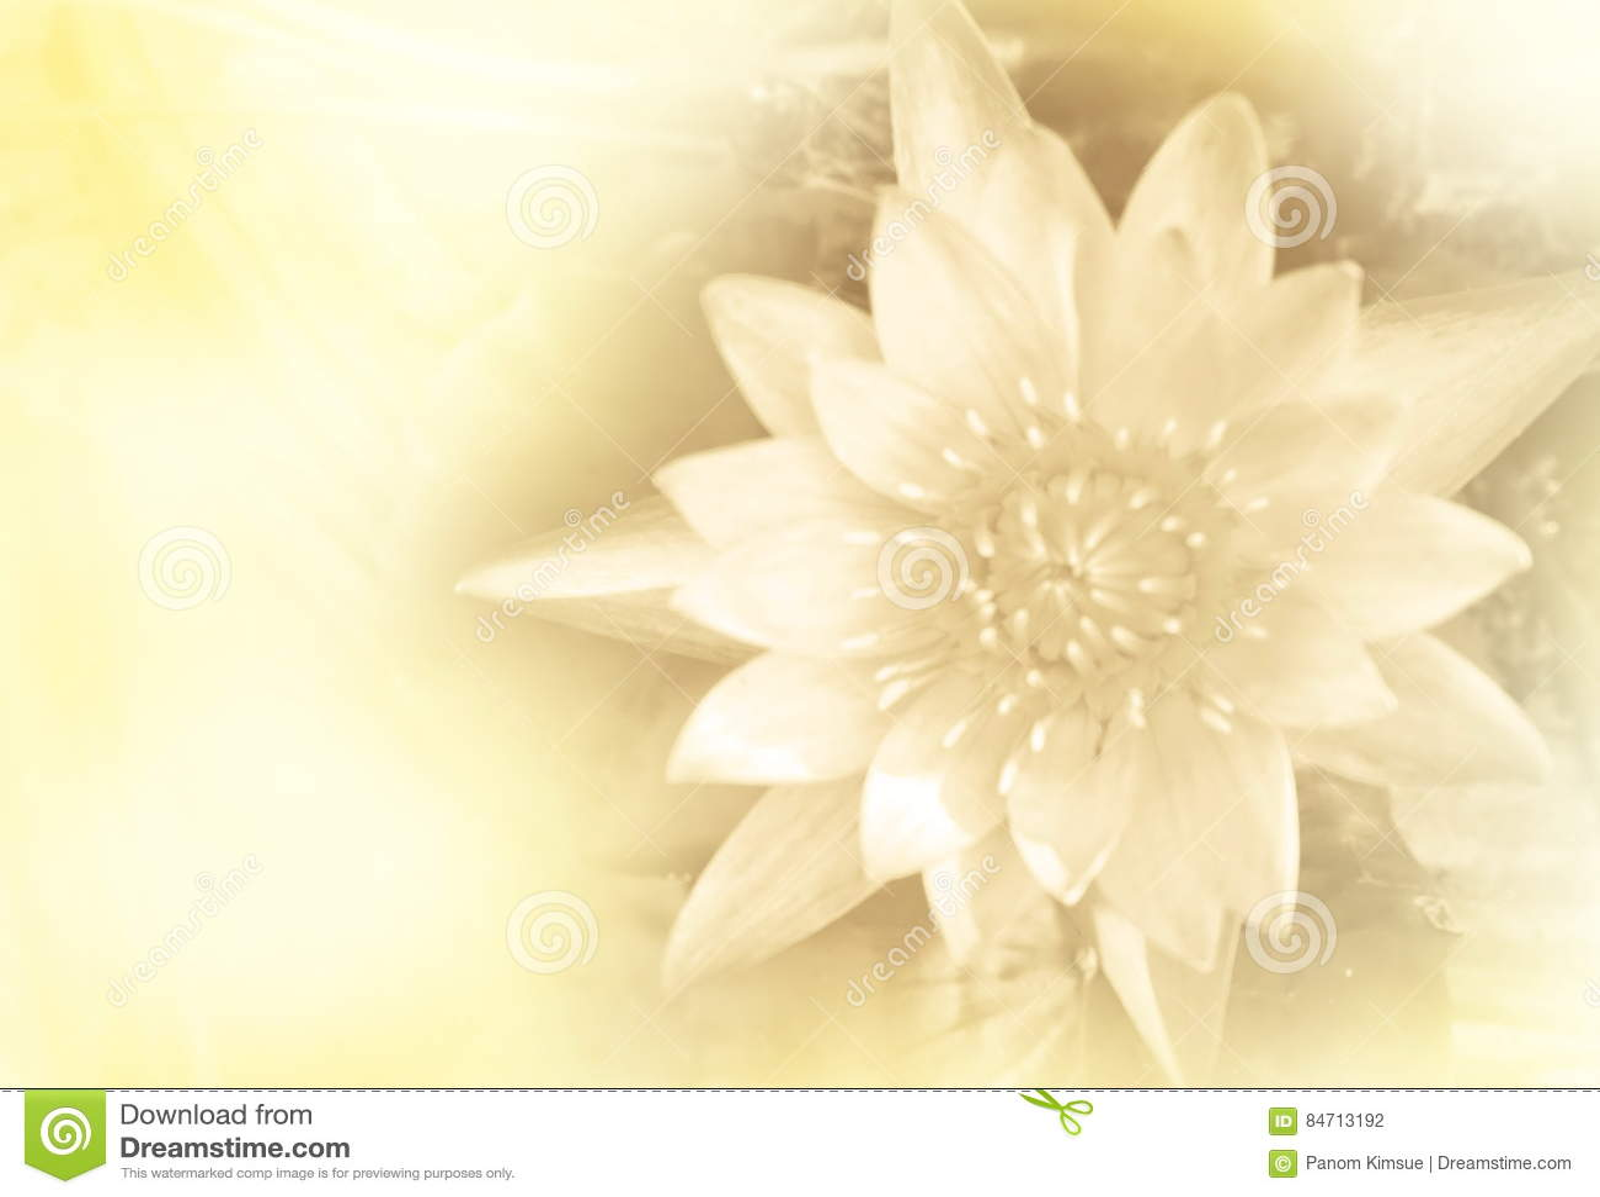 Flower Meanings Lotus Gallery Fresh Lotus Flowers